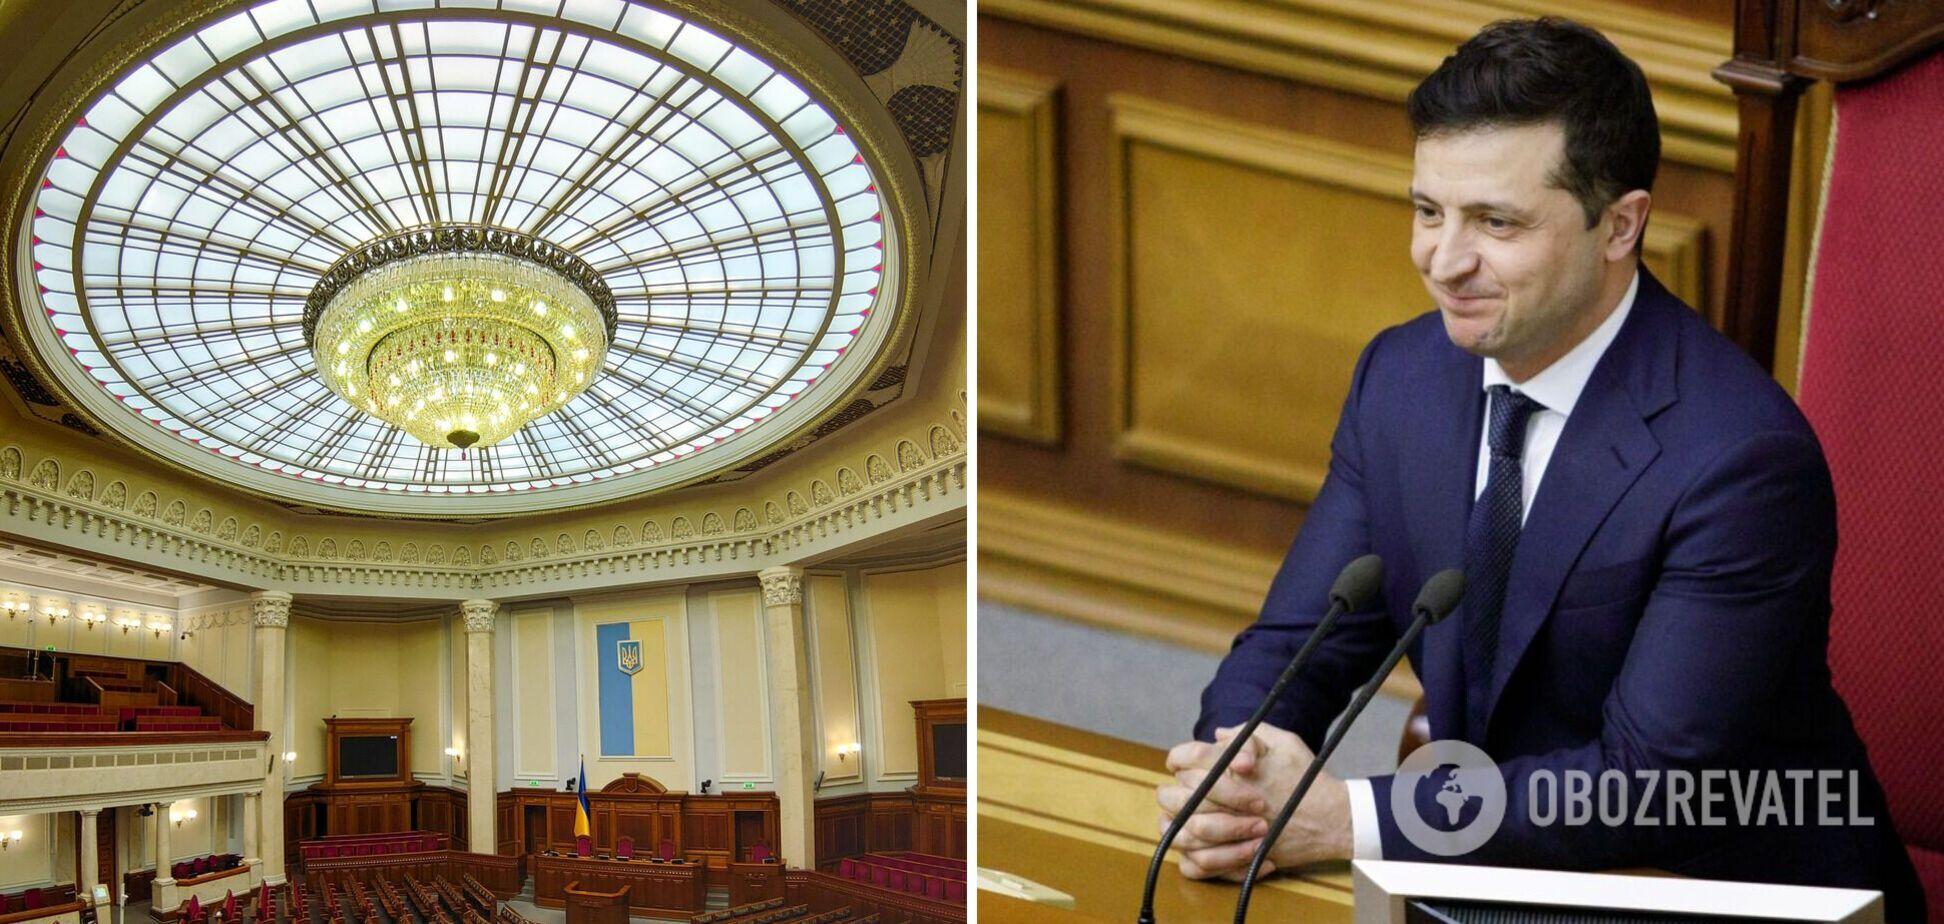 Зеленский созывает внеочередное заседание Рады: какие вопросы рассмотрят